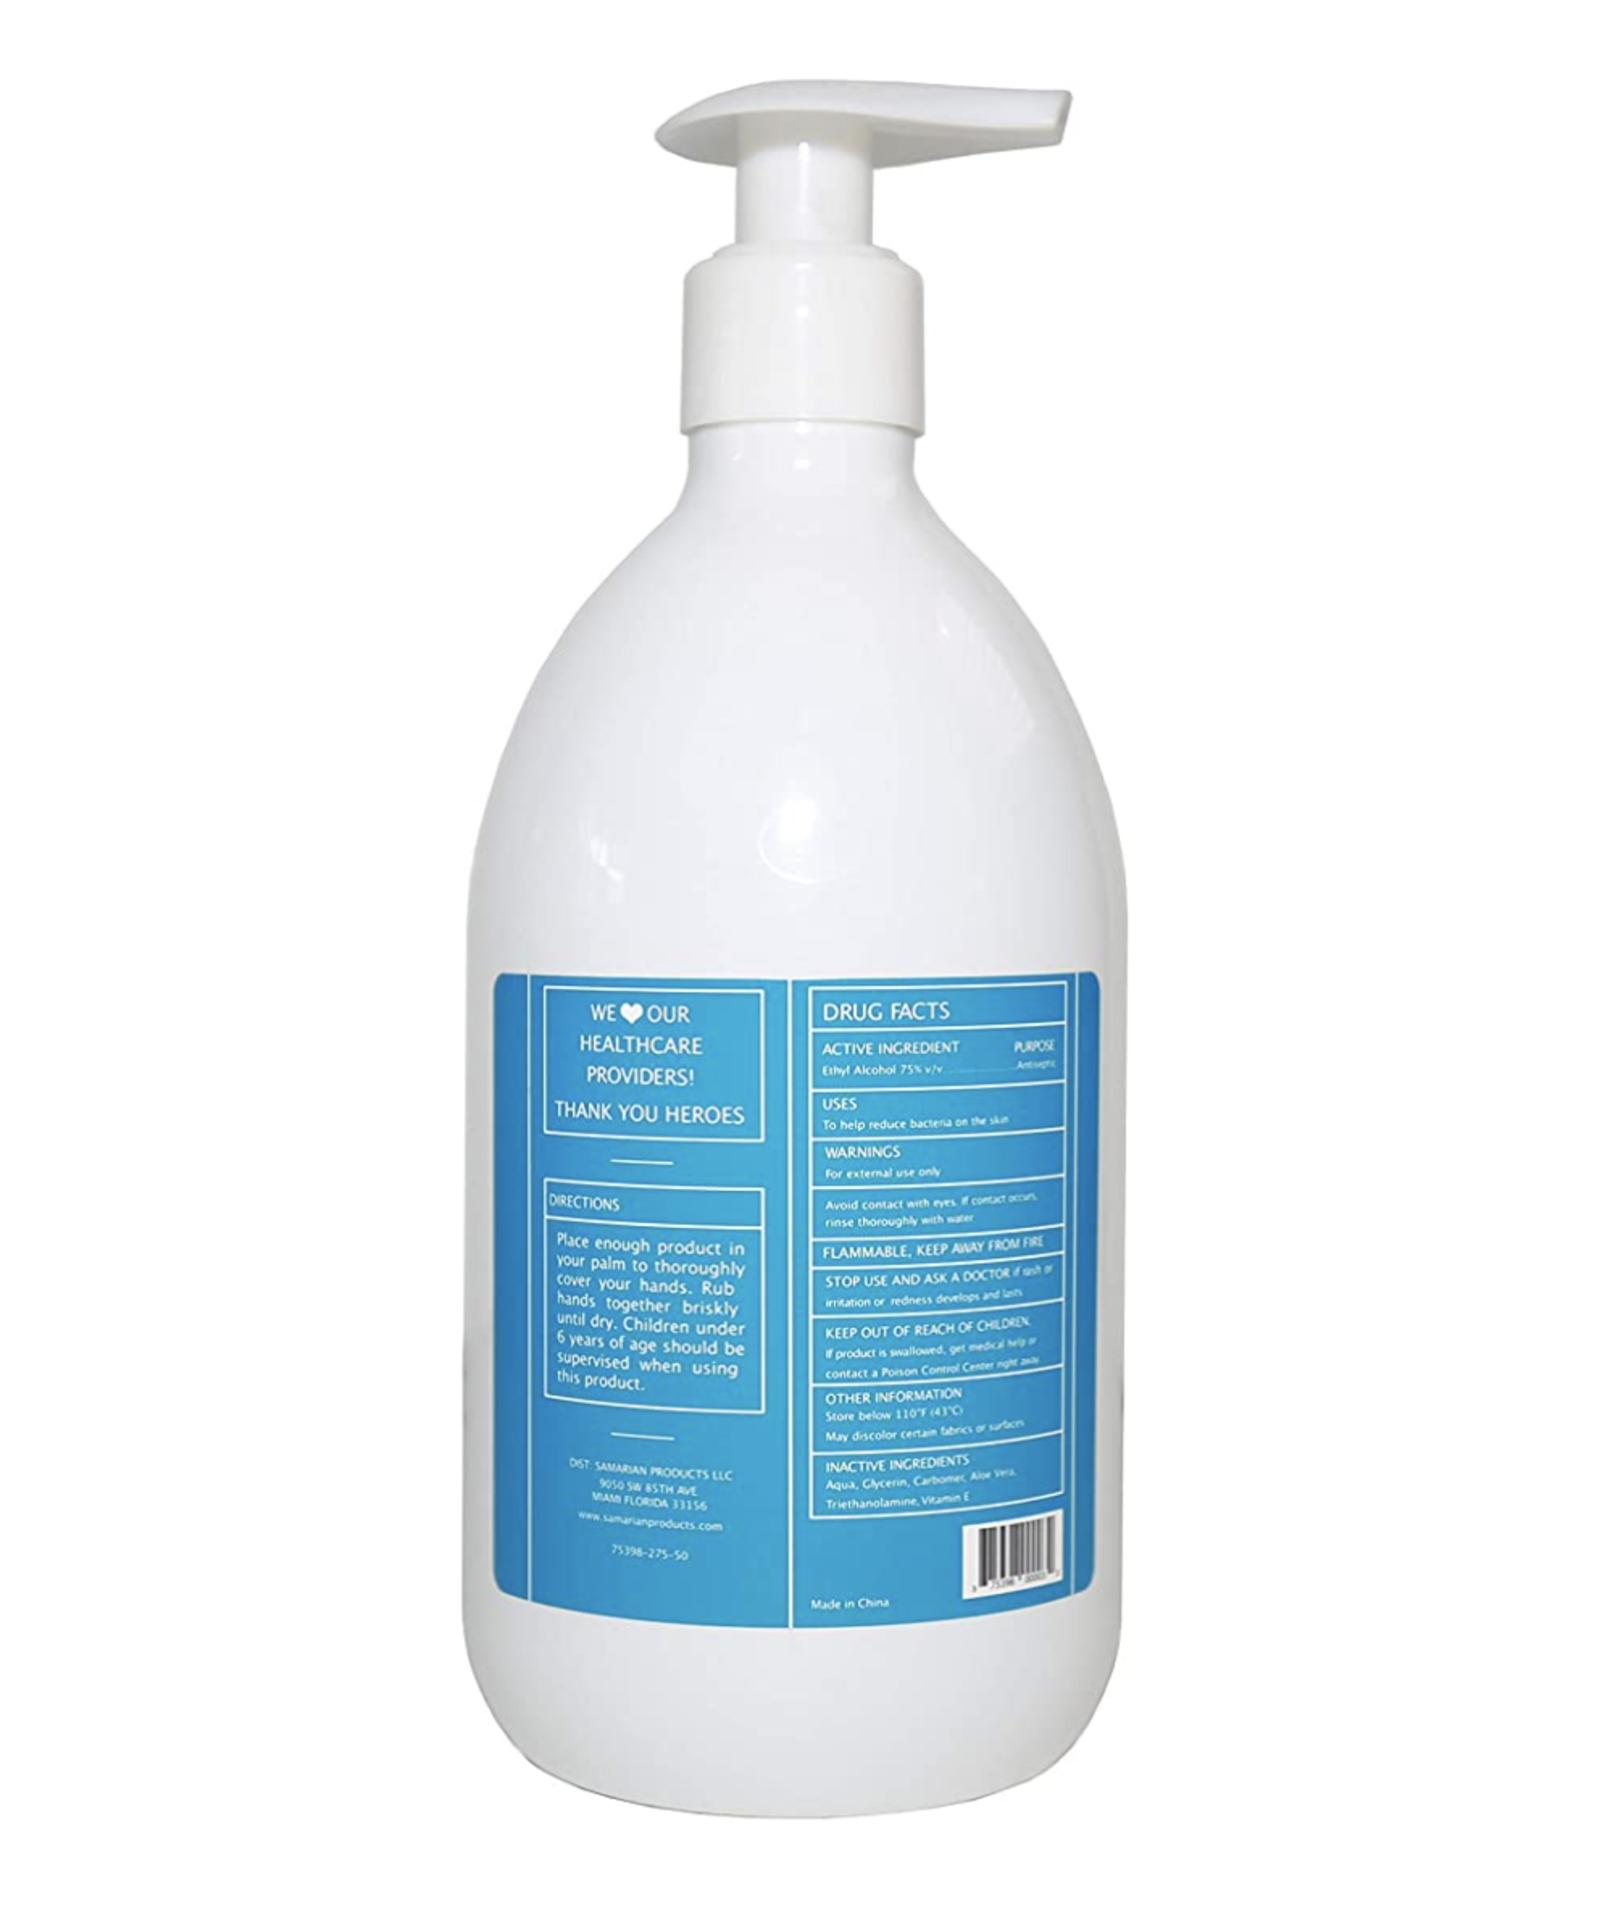 3,250 Bottles of H2One Pump Bottle Hand Sanitizer Gel, 500 ML, 16.9 OZ, 75% Alcohol Based (Ethanol) - Image 2 of 2